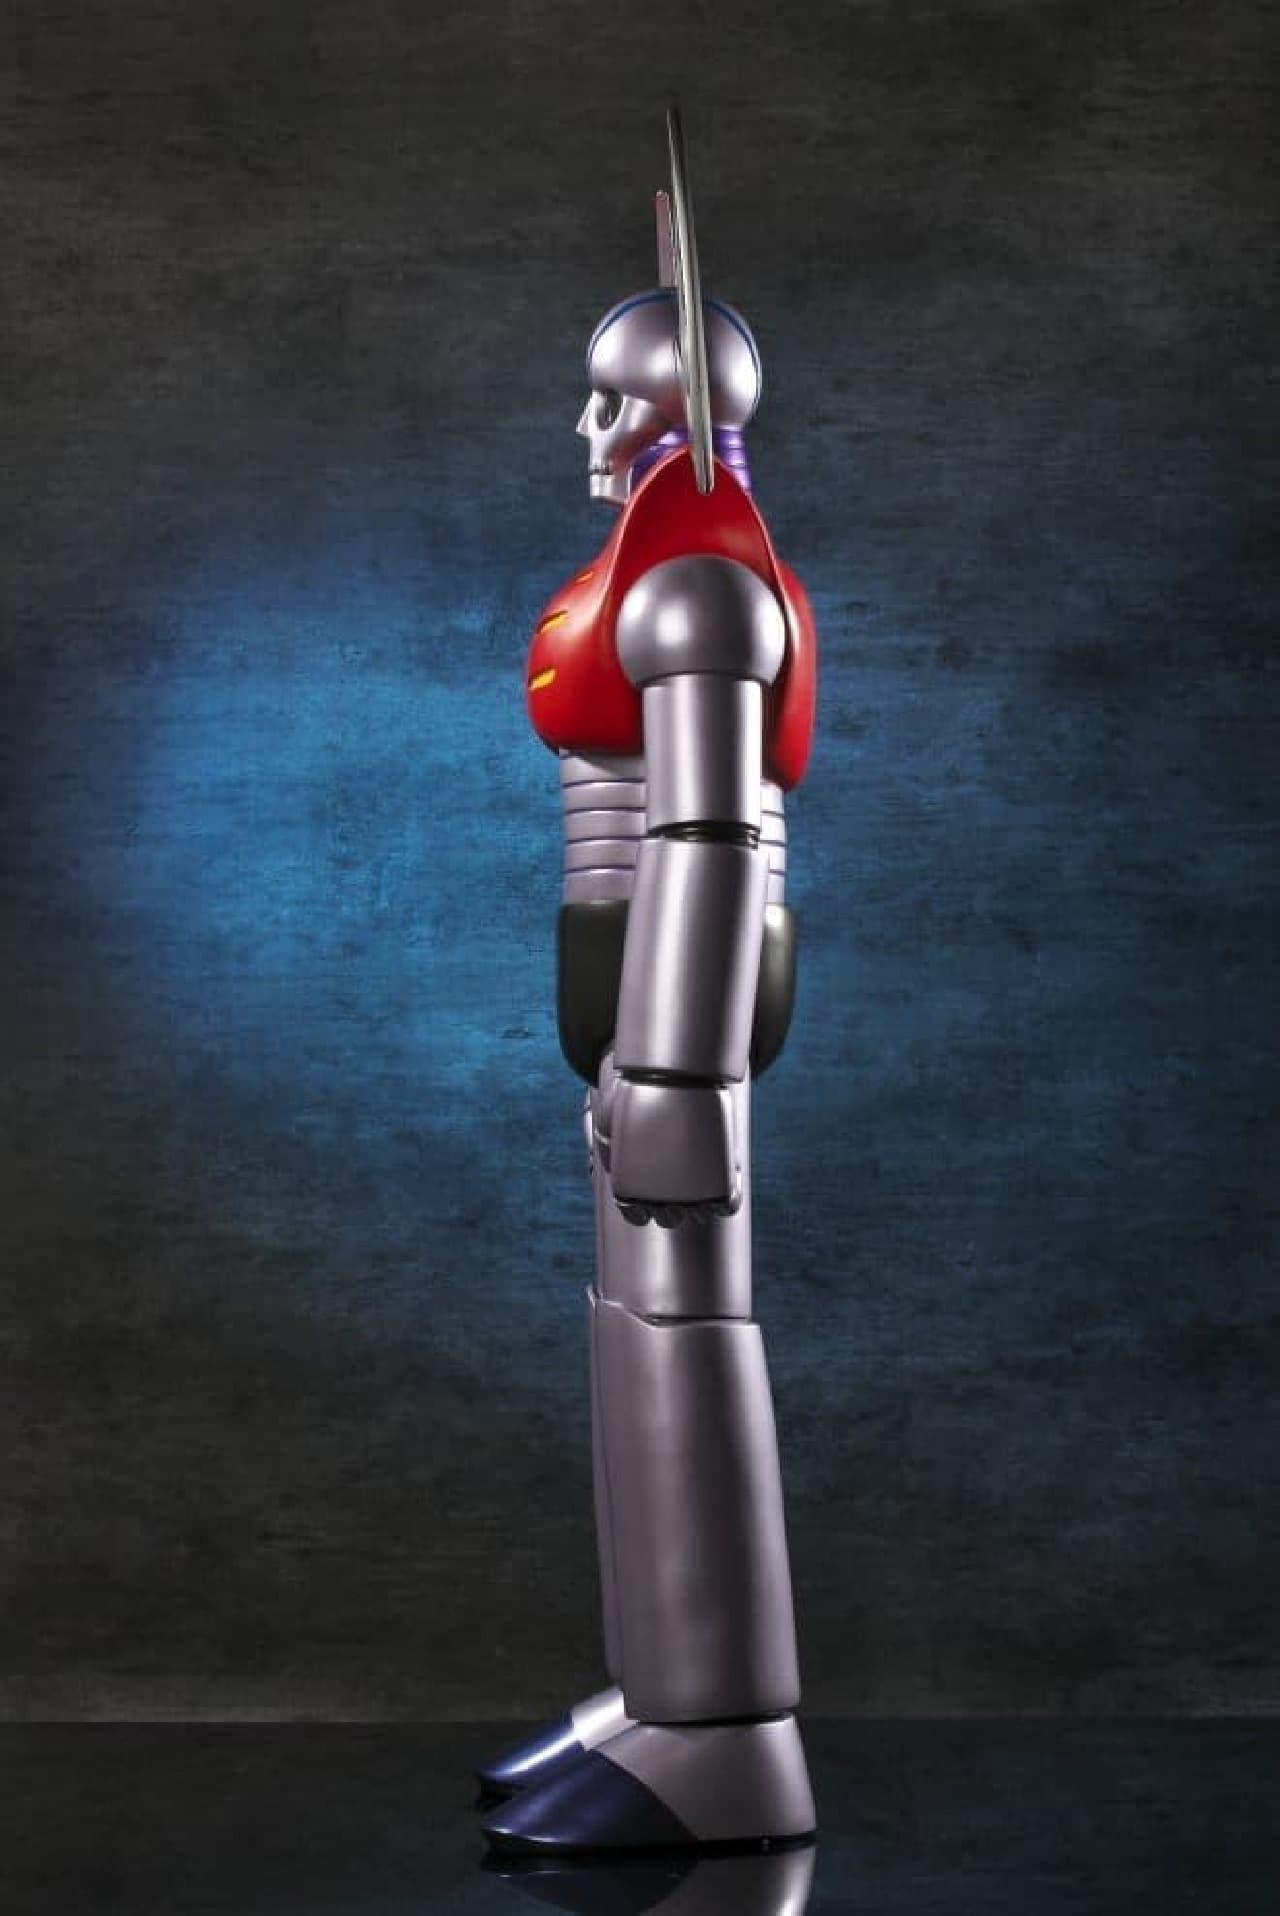 全高1メートルの「機械獣ガラダK7」